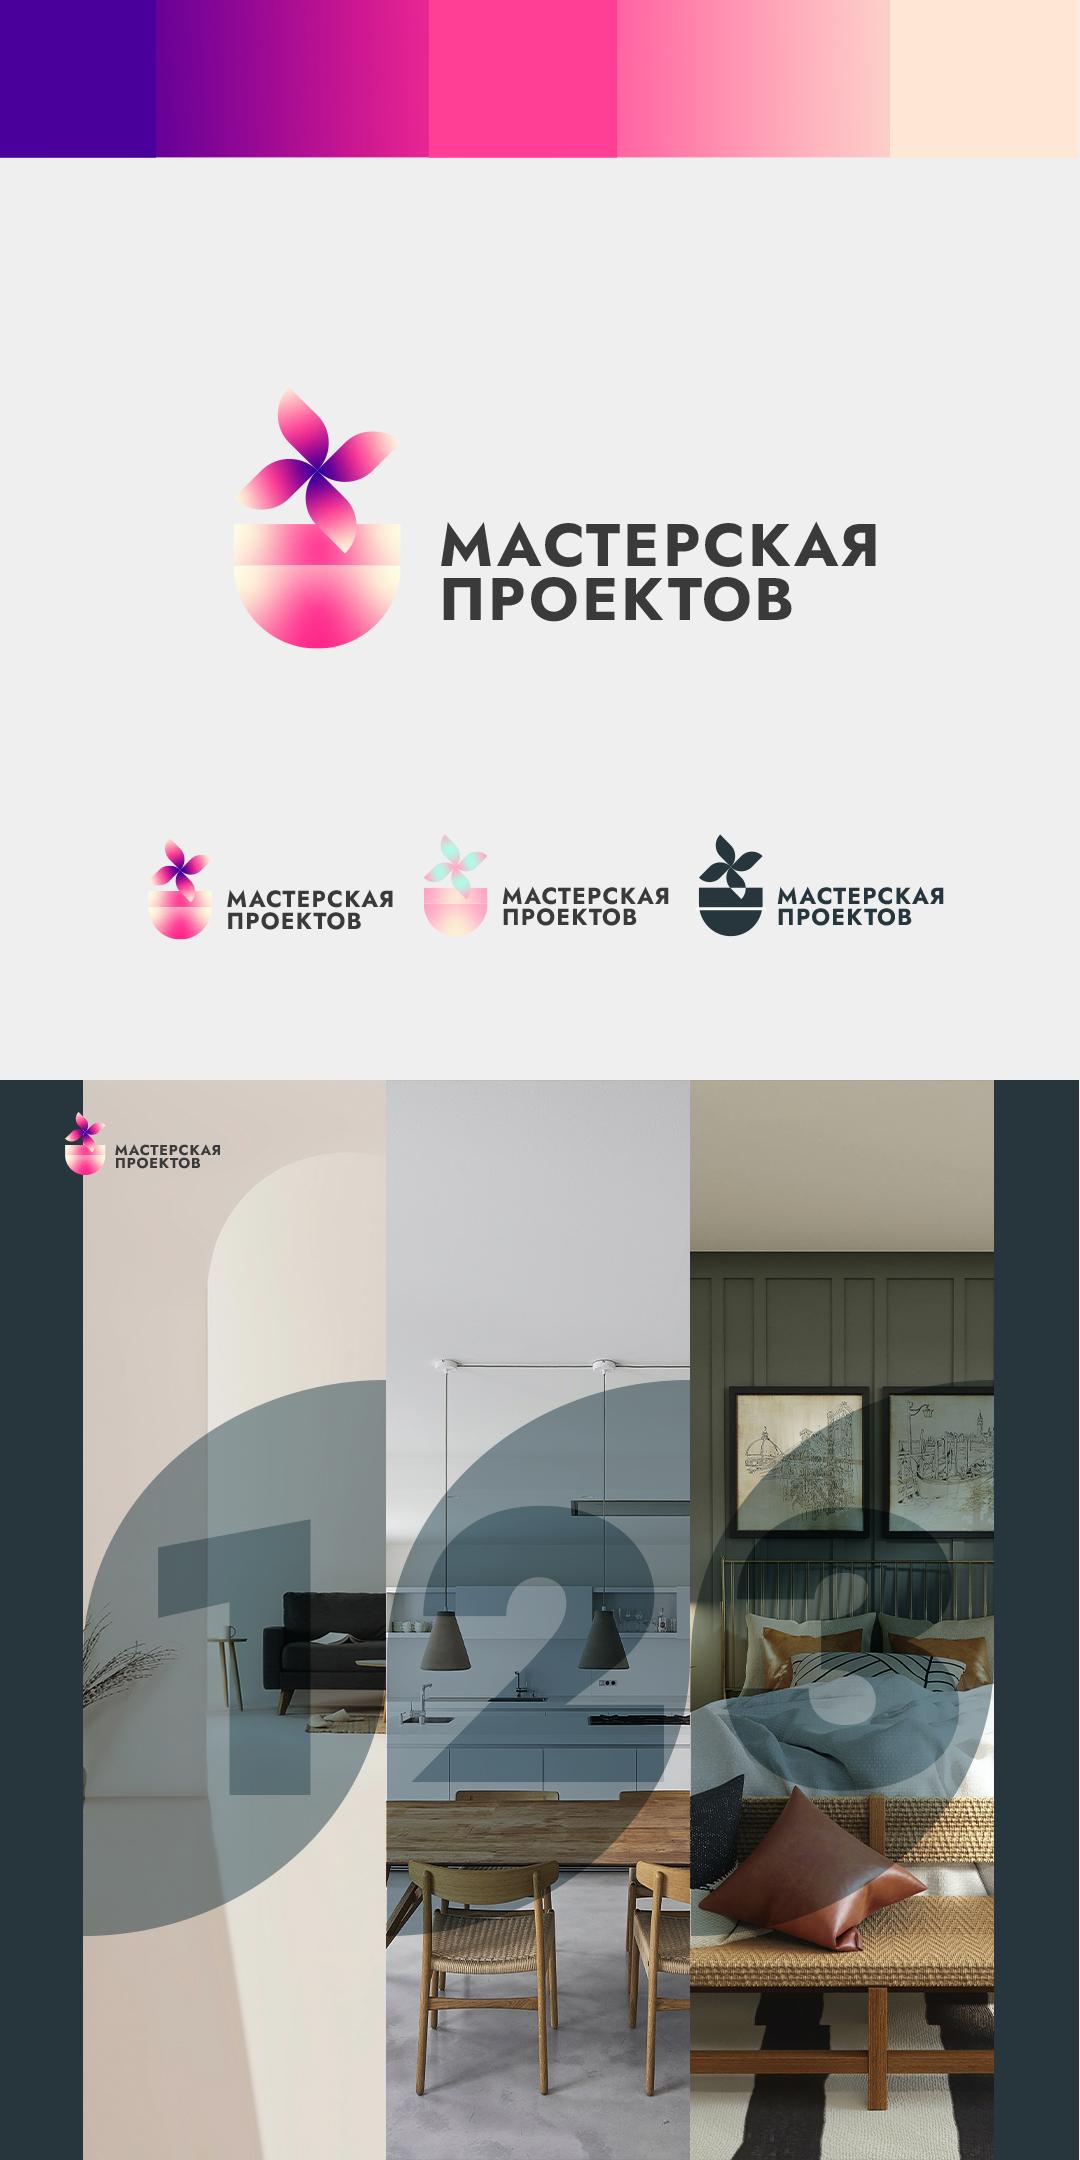 Разработка логотипа строительно-мебельного проекта (см. опис фото f_309606e99638fdd0.jpg